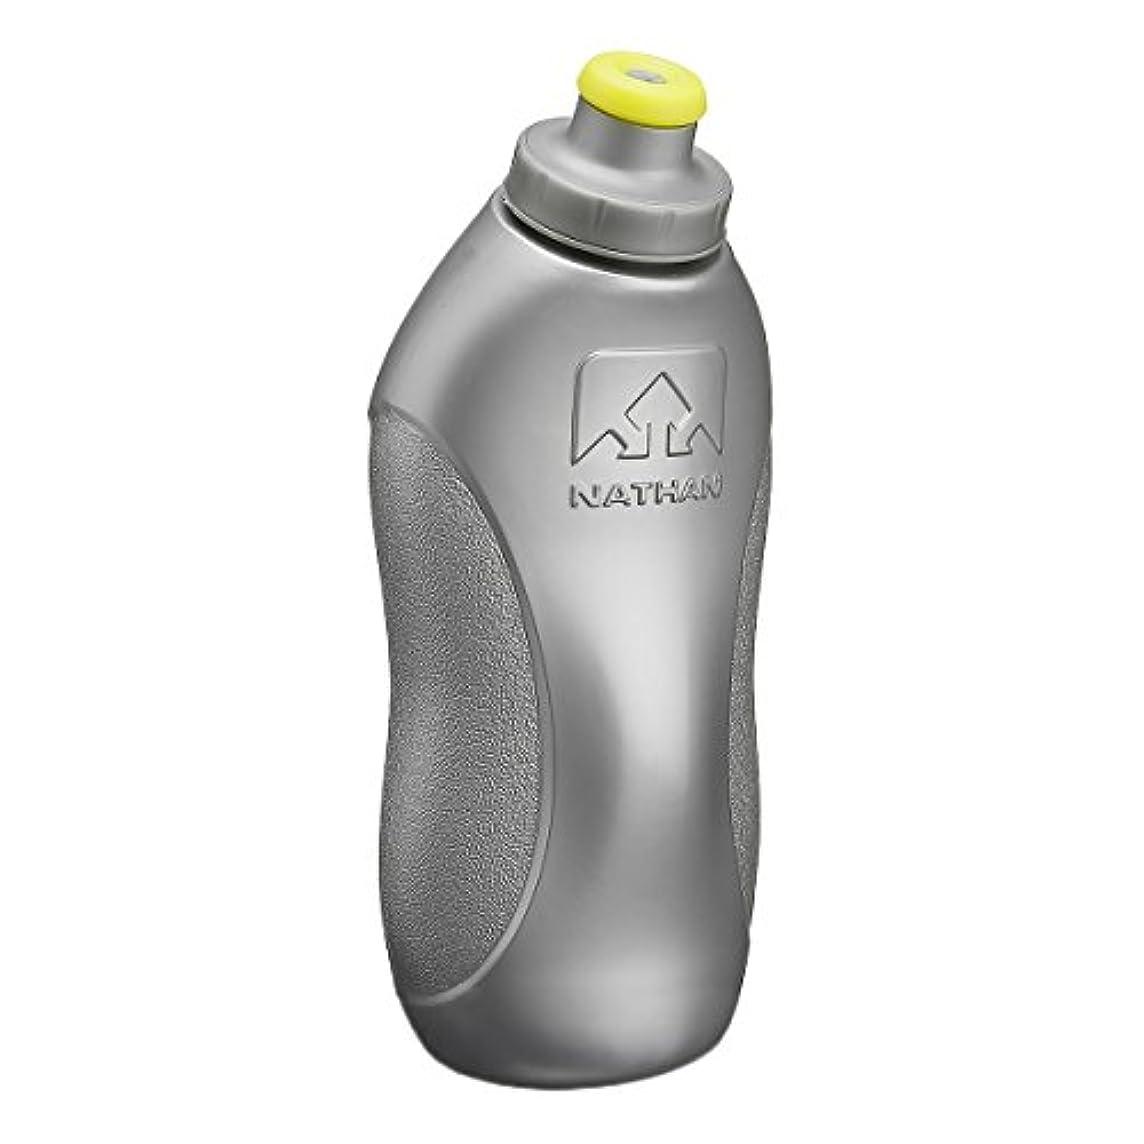 噴水接触不名誉NATHAN(ネイサン) ランニング ボトル NS4003 スピードドロー フラスク